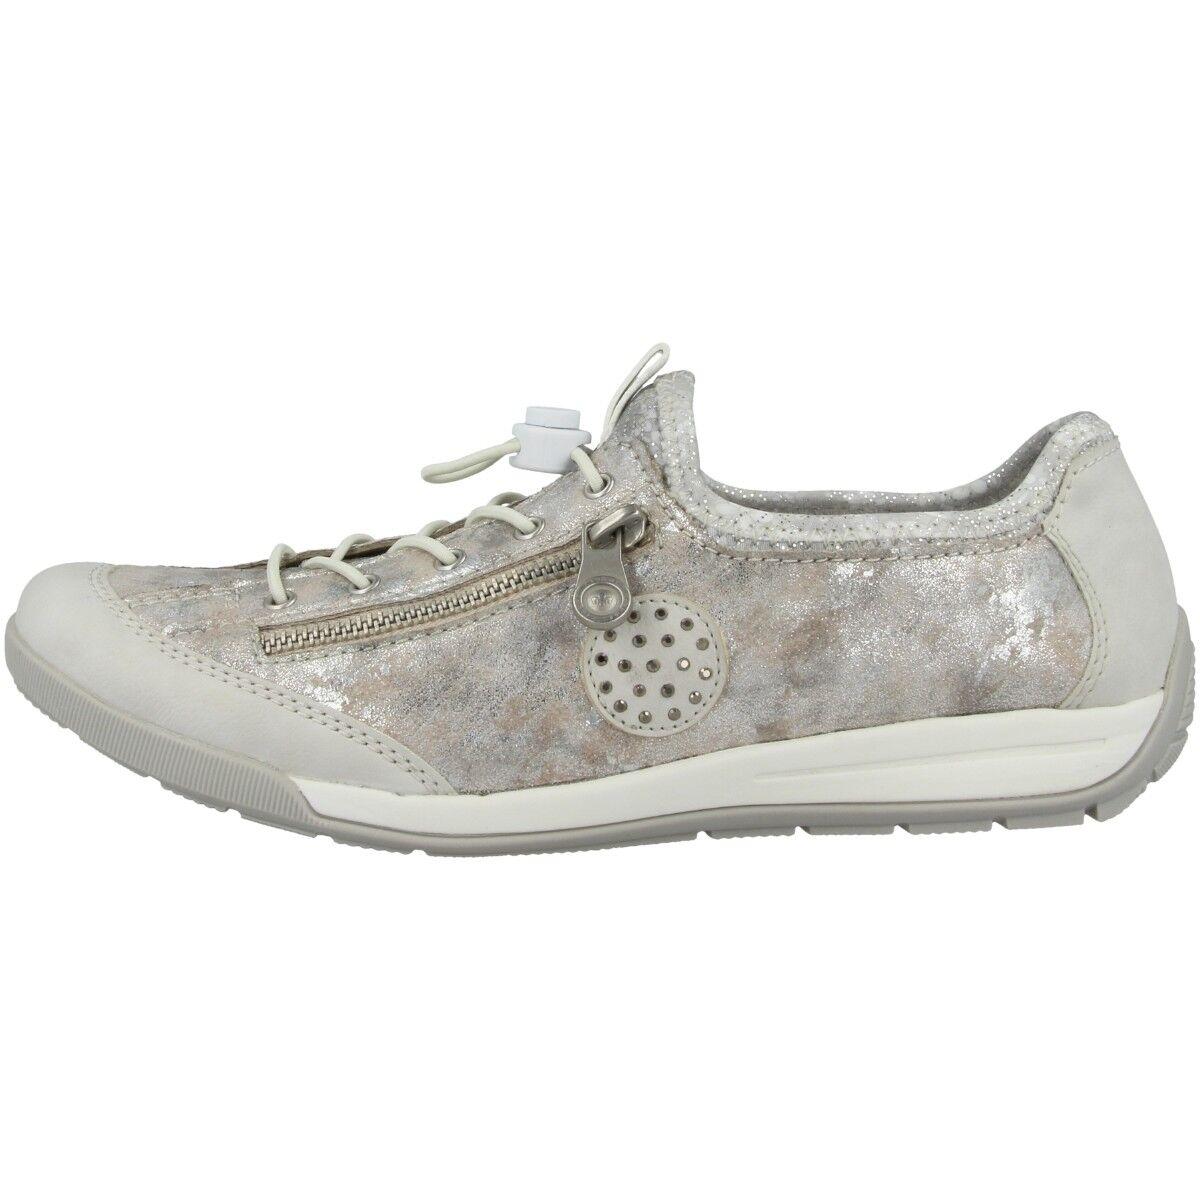 Rieker Nuovo Preston-Moon-Scuba shoes da Ginnastica Morbide Basse Ice M3063-81